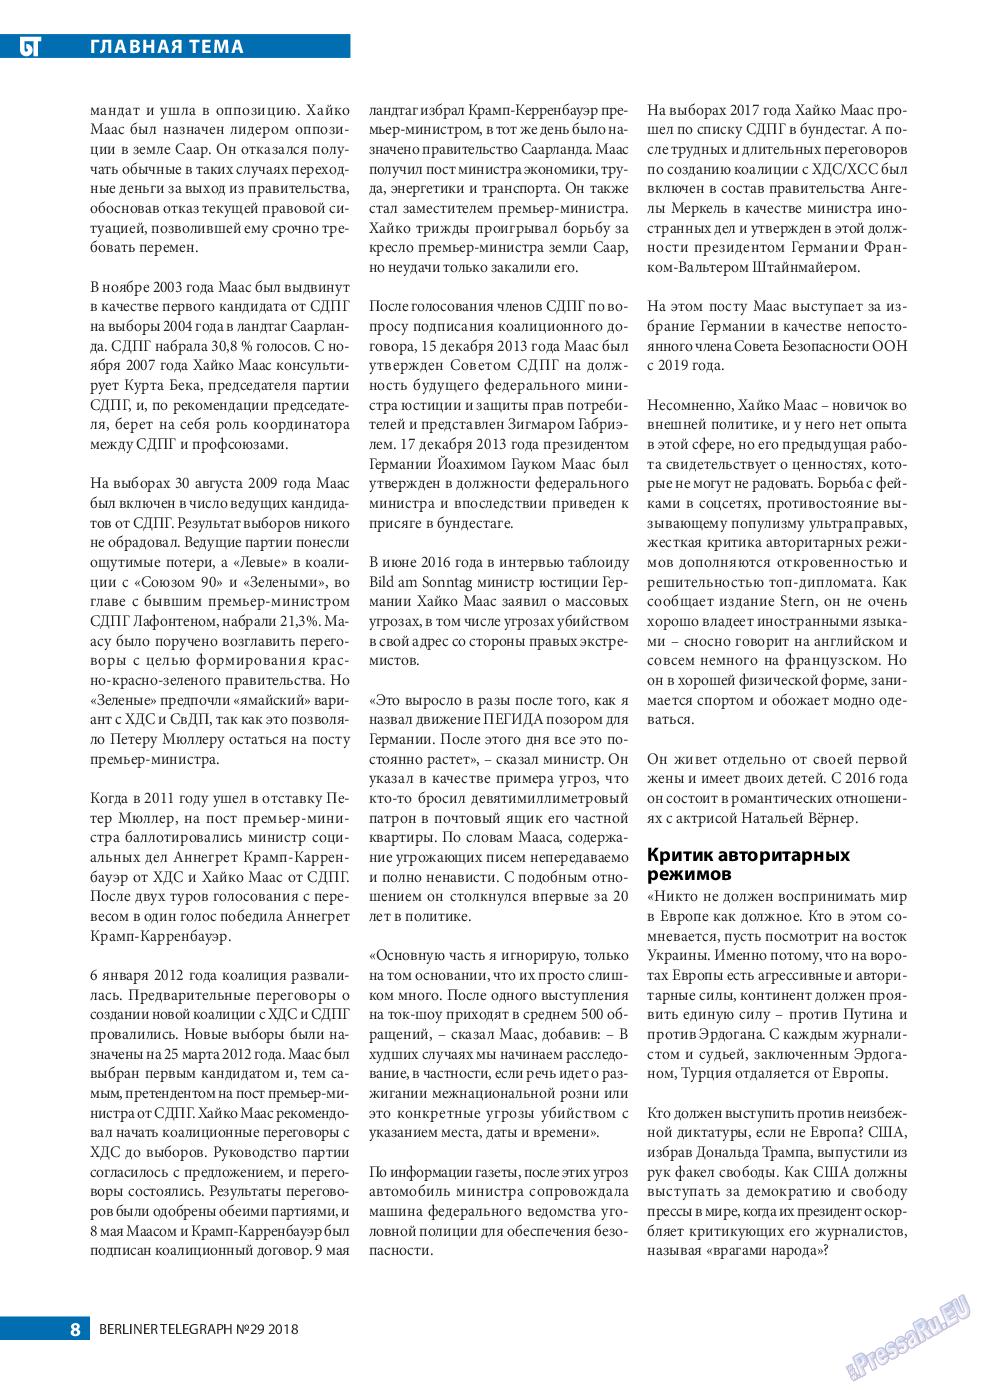 Берлинский телеграф (журнал). 2018 год, номер 29, стр. 8